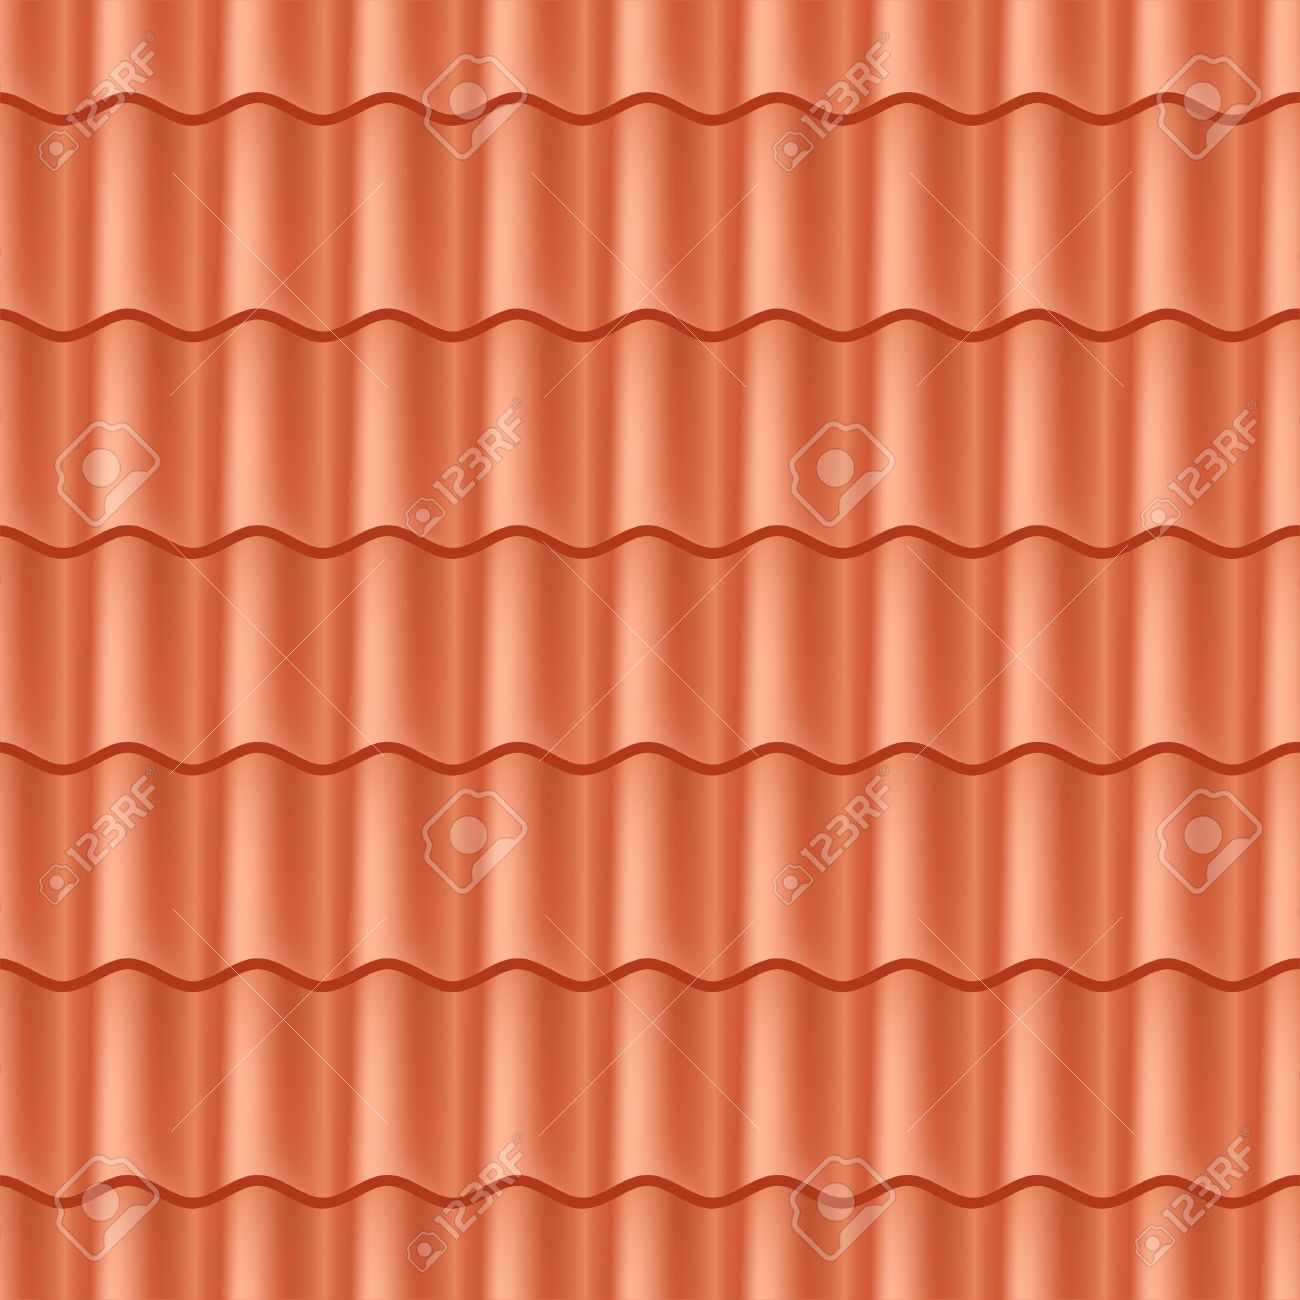 Dachziegel textur seamless  Nahtlose Terrakotta Dachziegel - Muster Für Die Kontinuierliche ...